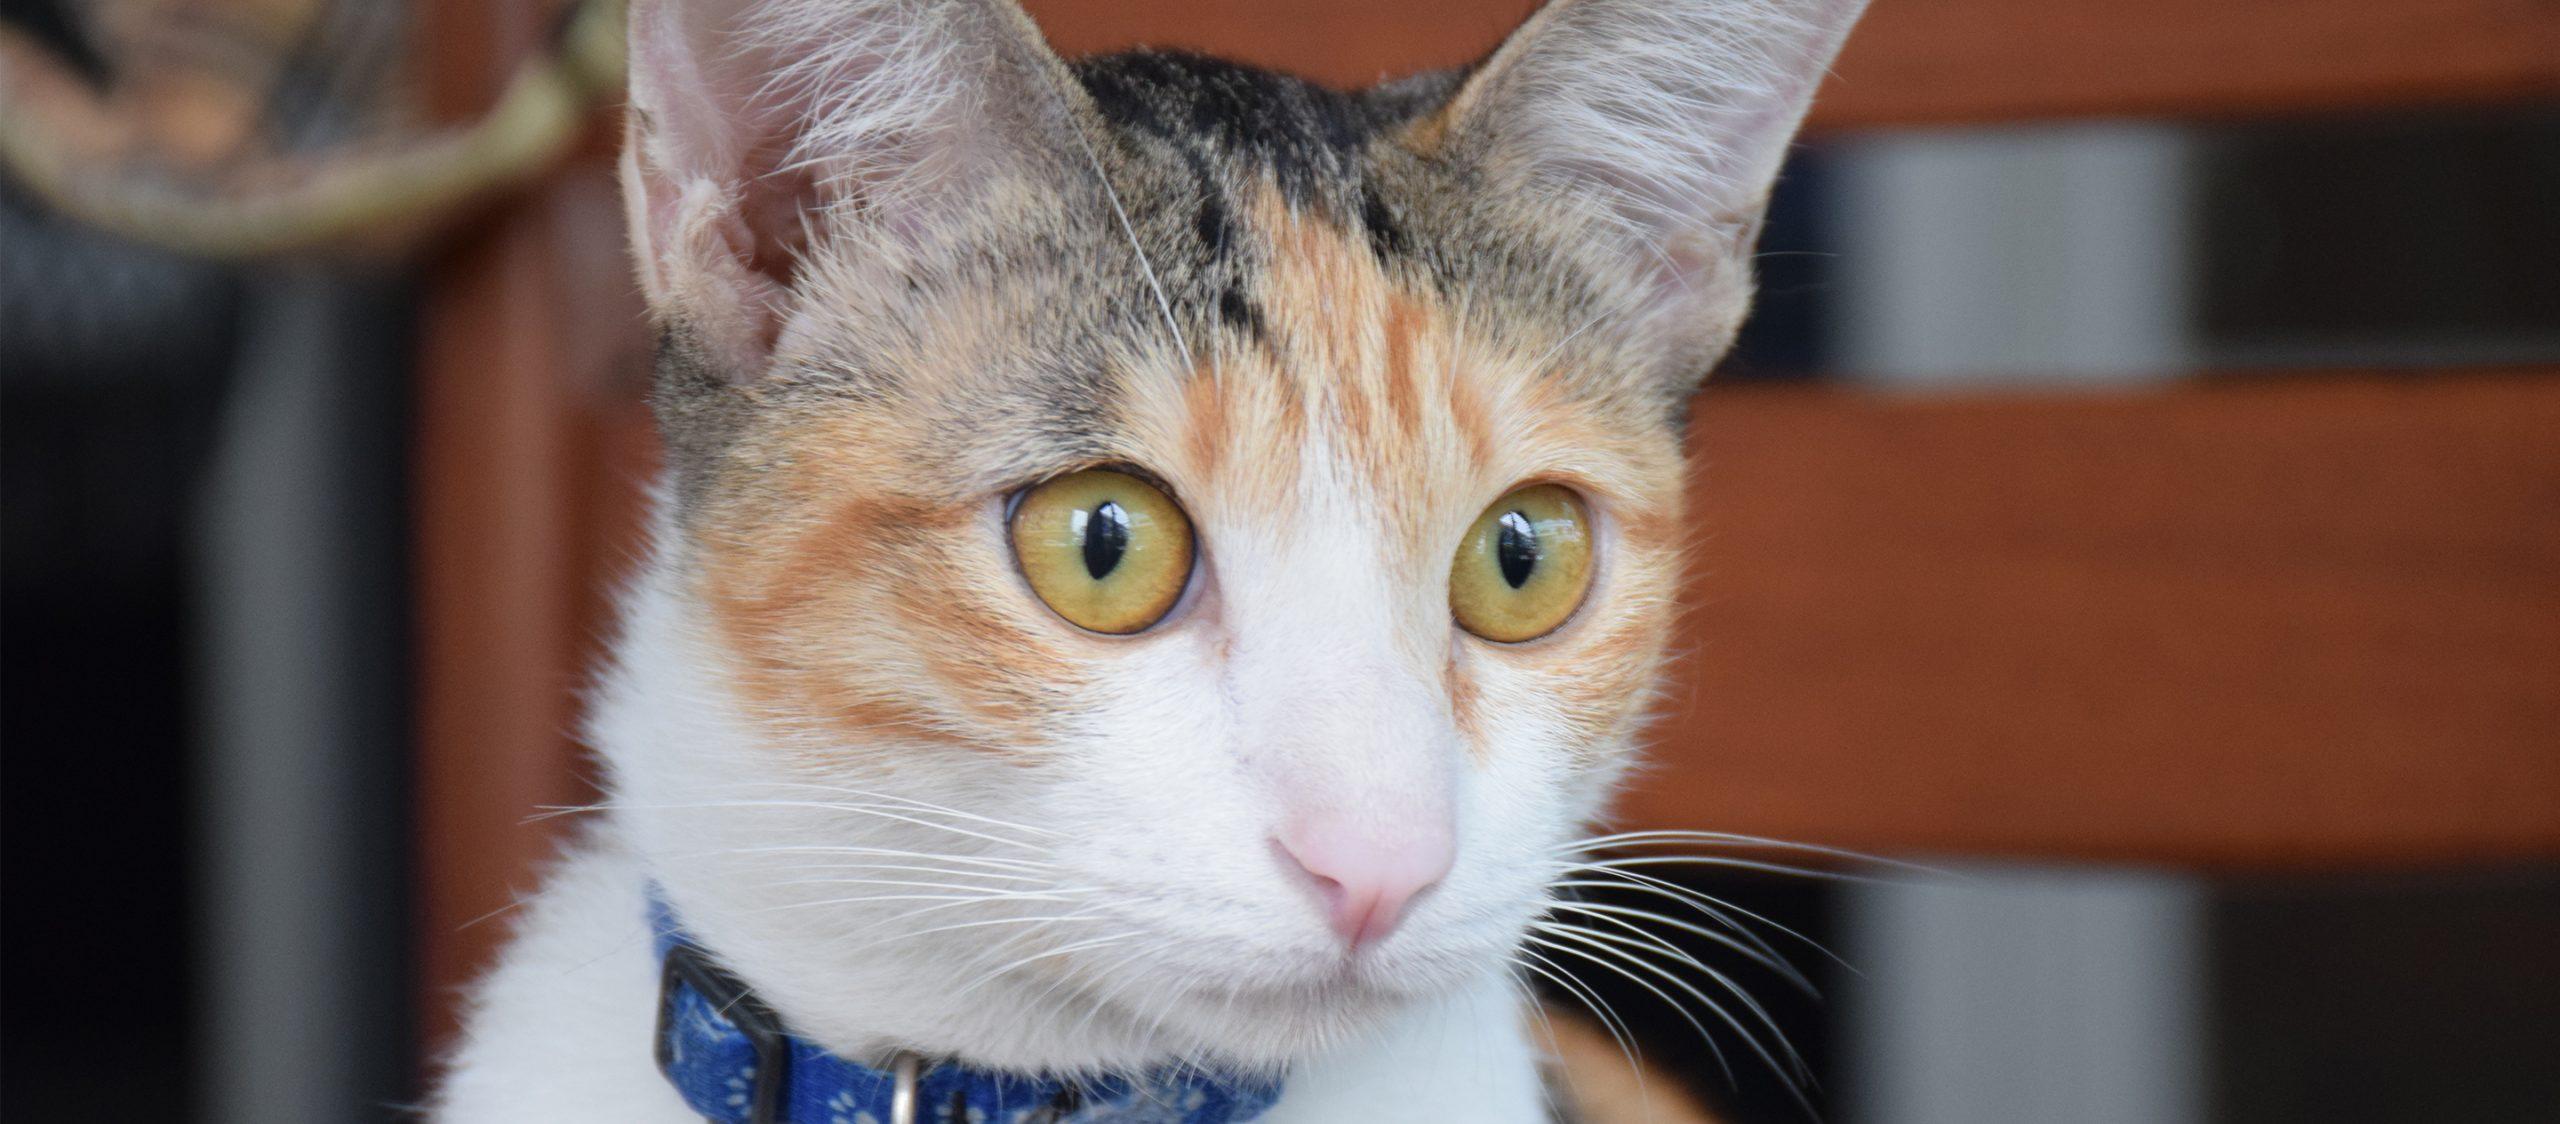 ชบา : แมวสาวจอมแก่นที่ชอบหนีเที่ยวจนเจ้าของใจอ่อนแต่ไม่อ่อนใจ